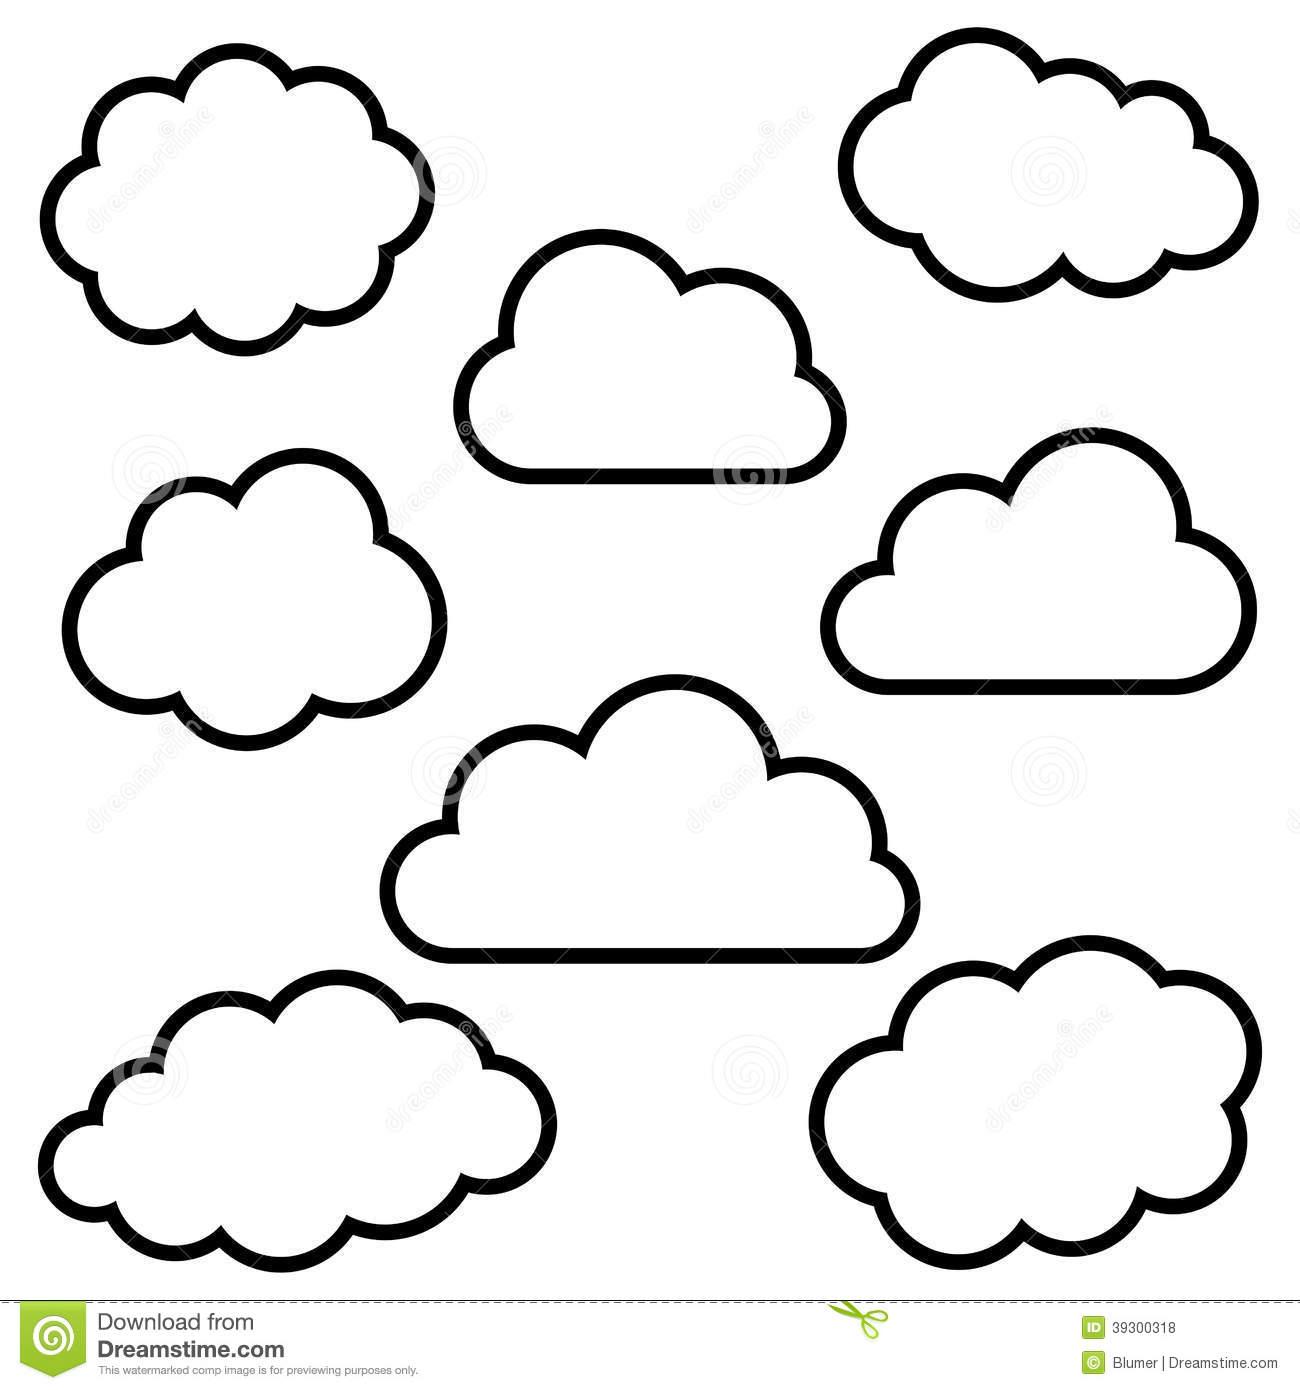 Cloud clipart outline.